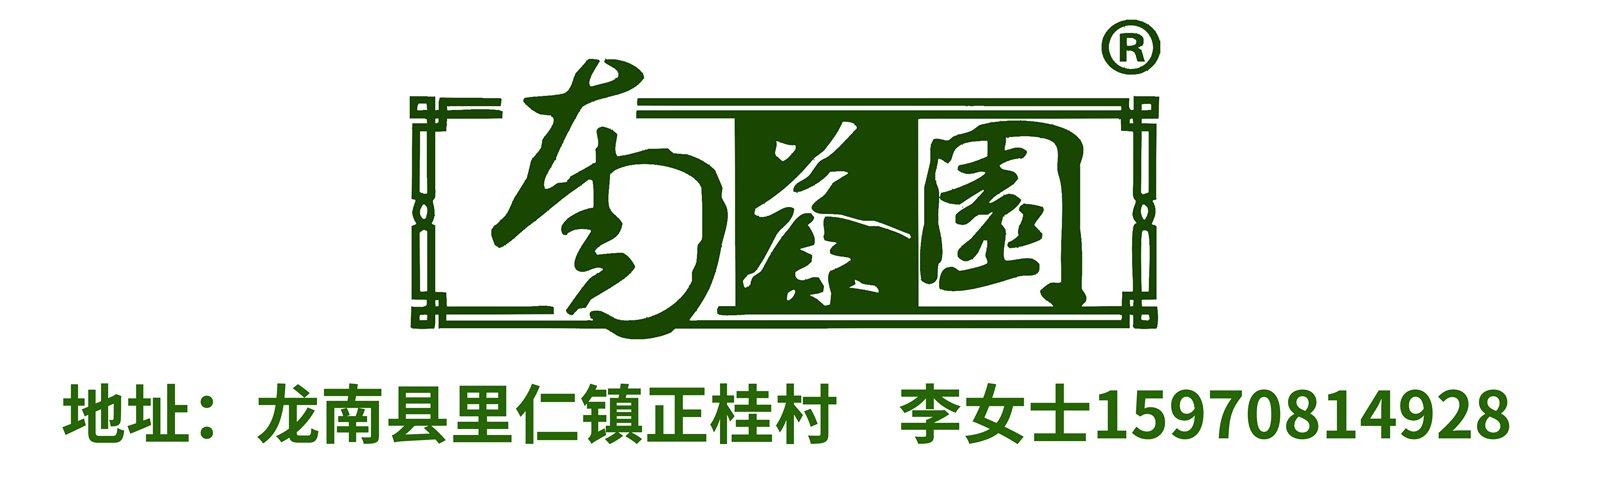 江西省南茶园生态农业发展有限公司